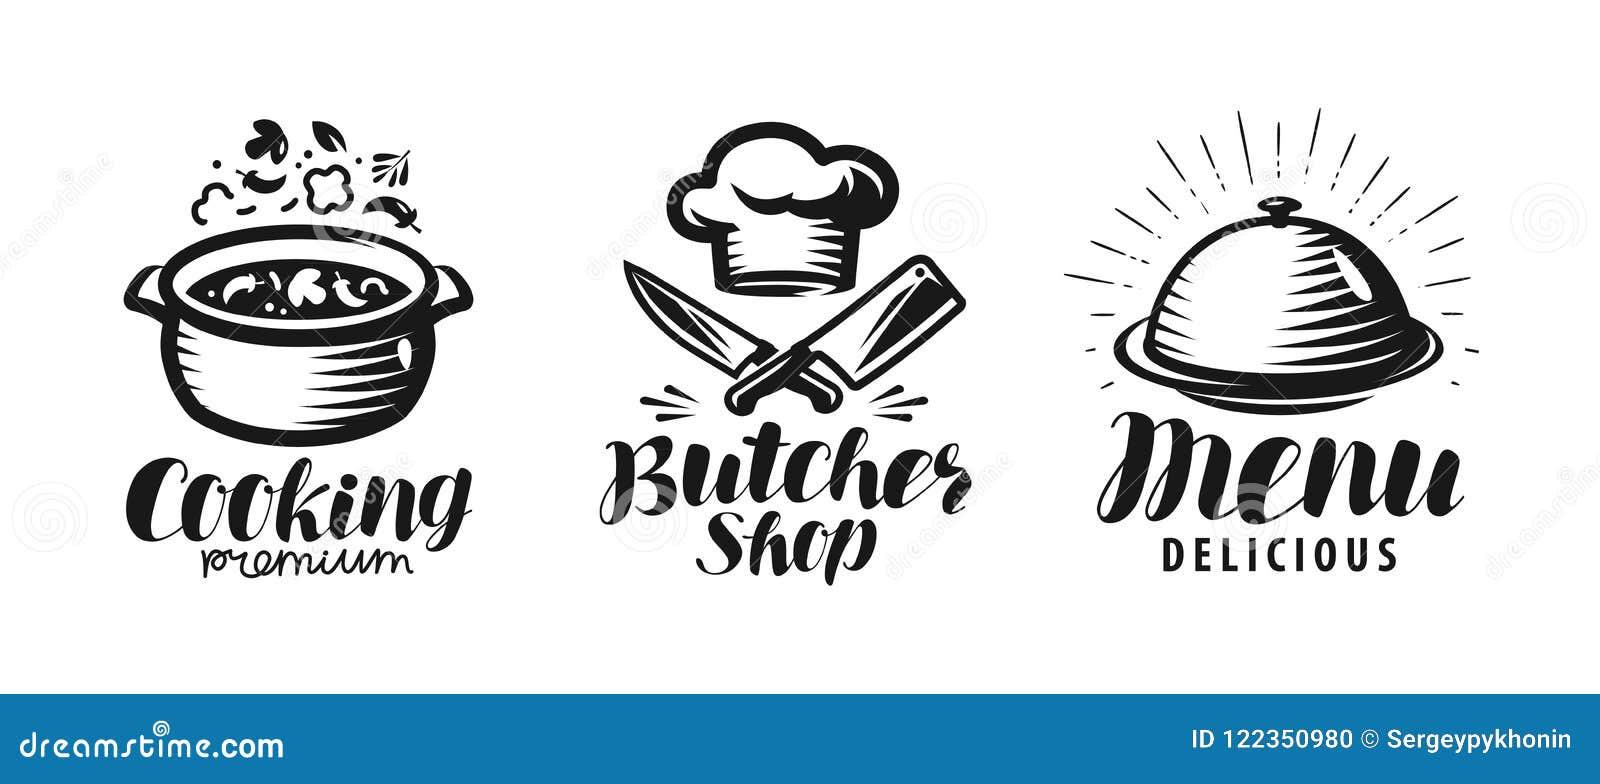 Cooking, butcher shop, menu logo or label. Food concept. Lettering vector illustration